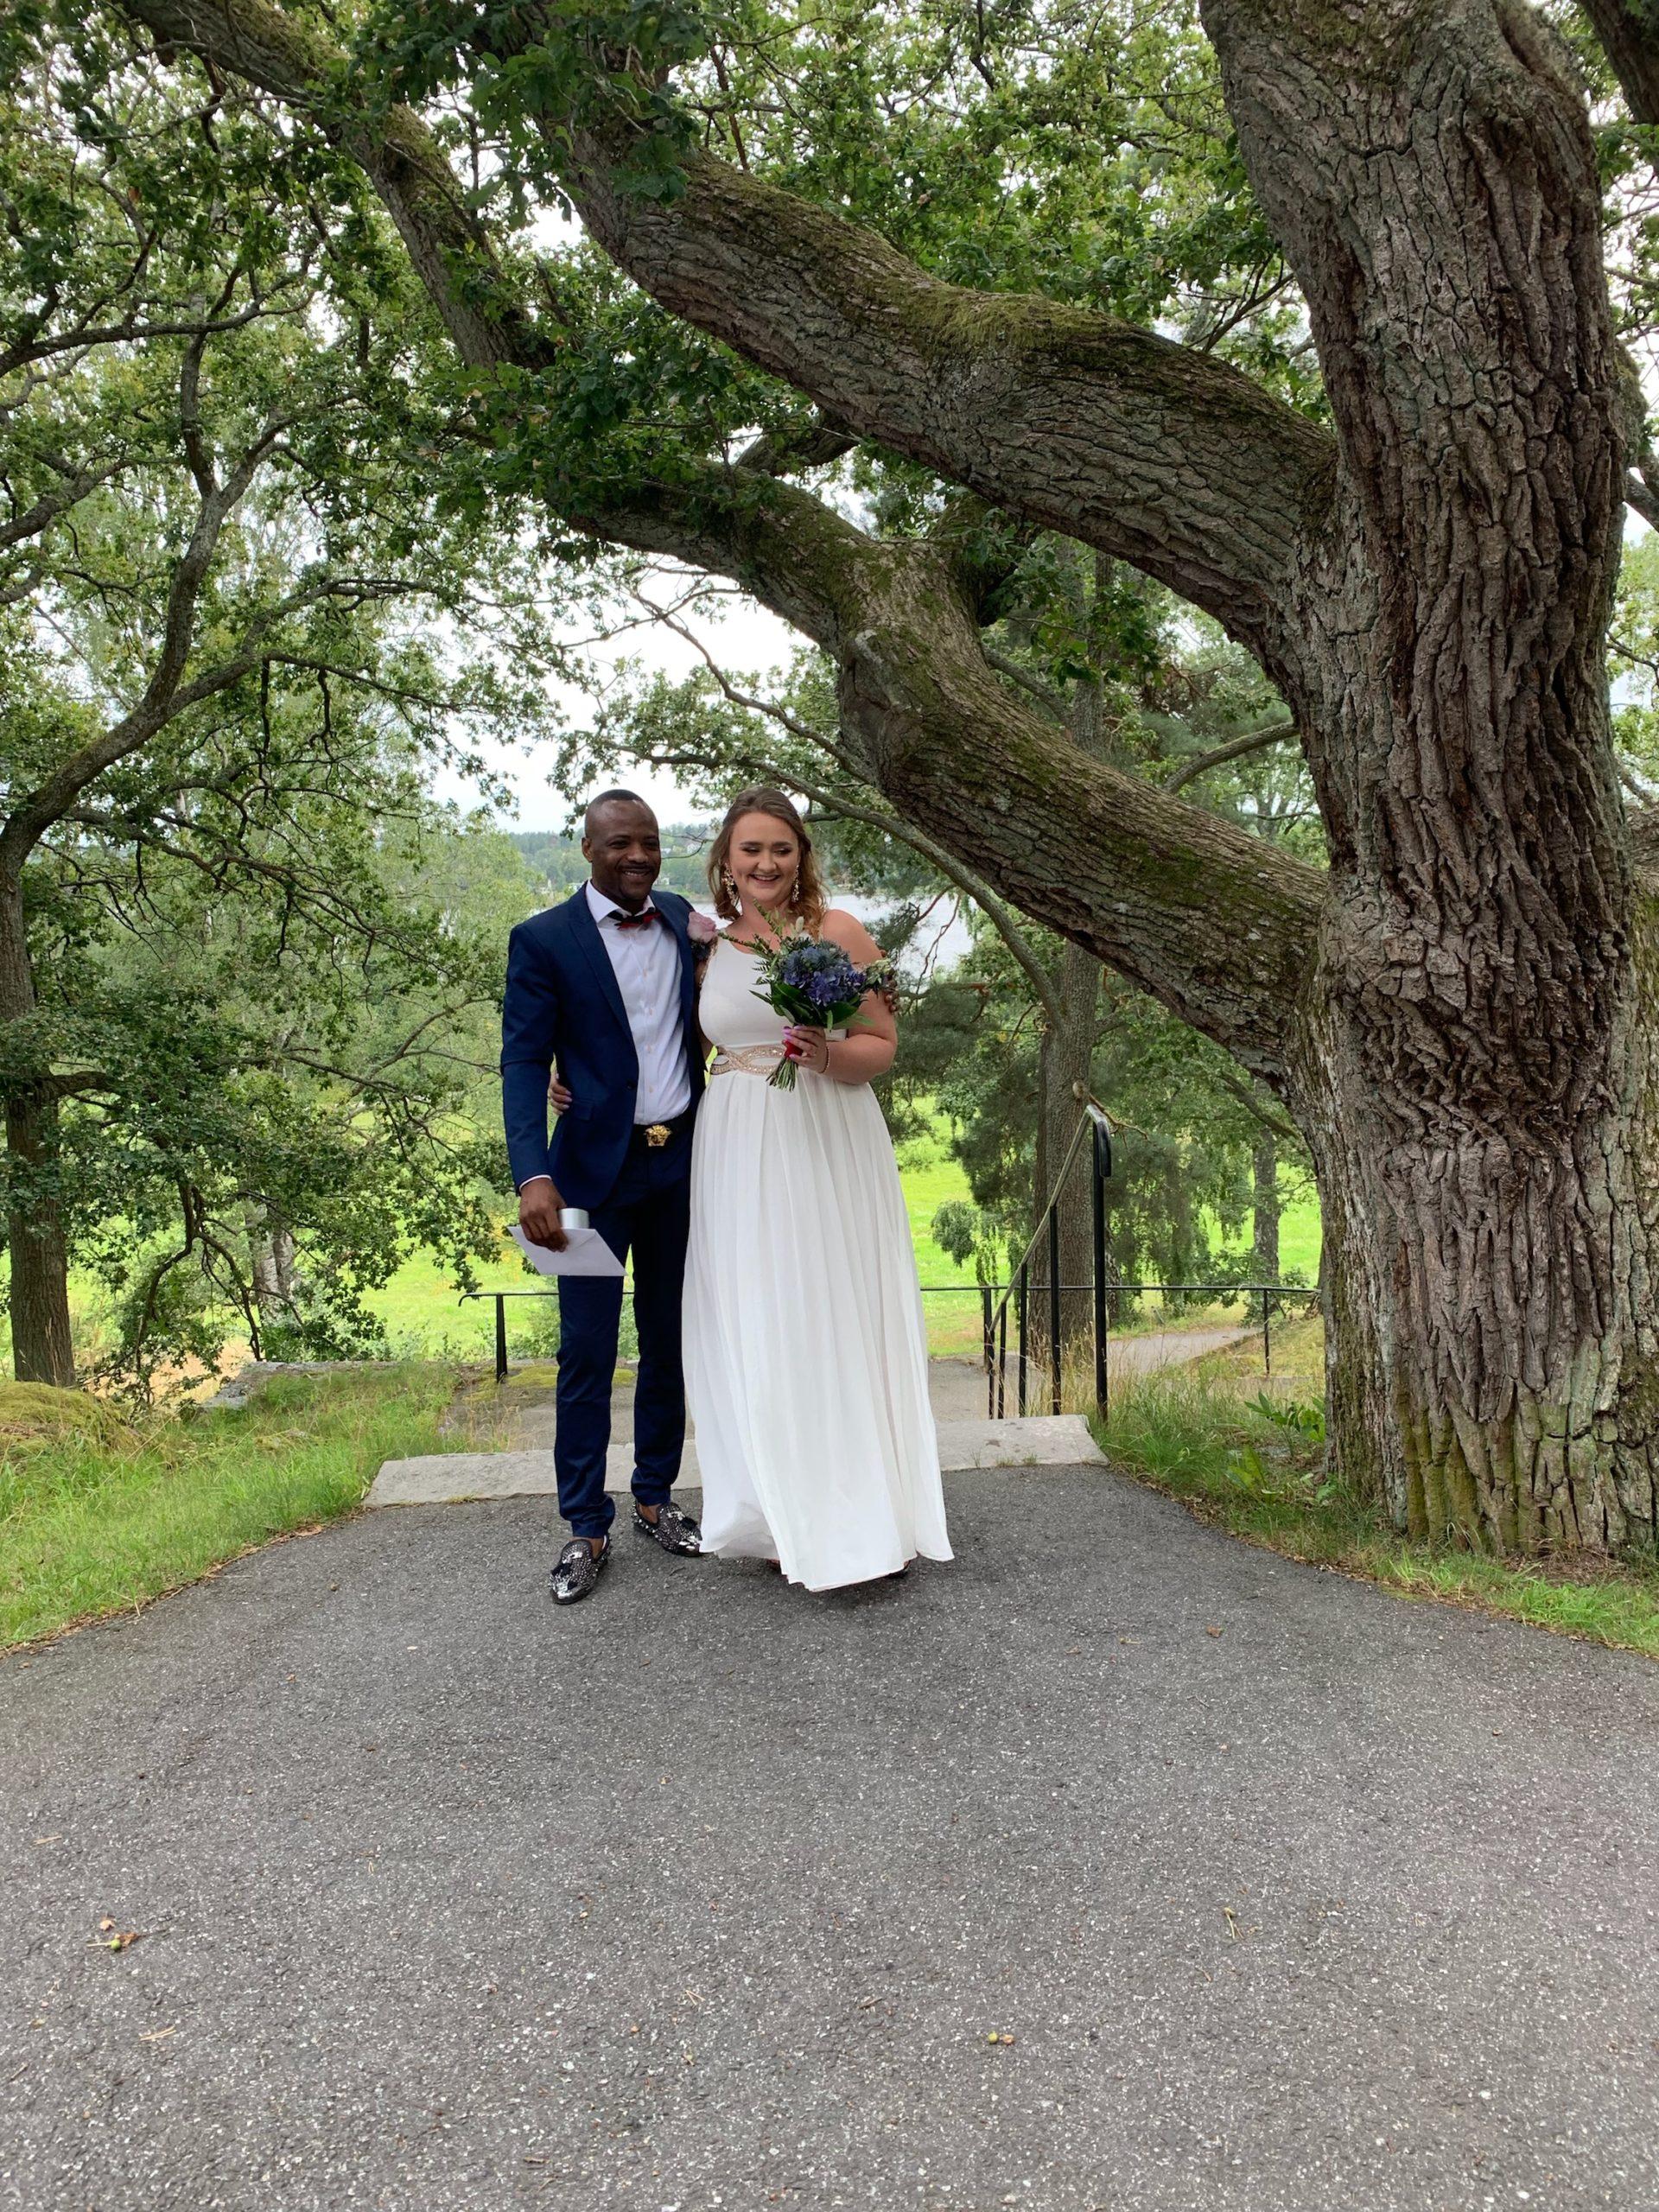 David och Johanna klädda för bröllop bredvid ett stort grönskande träd.